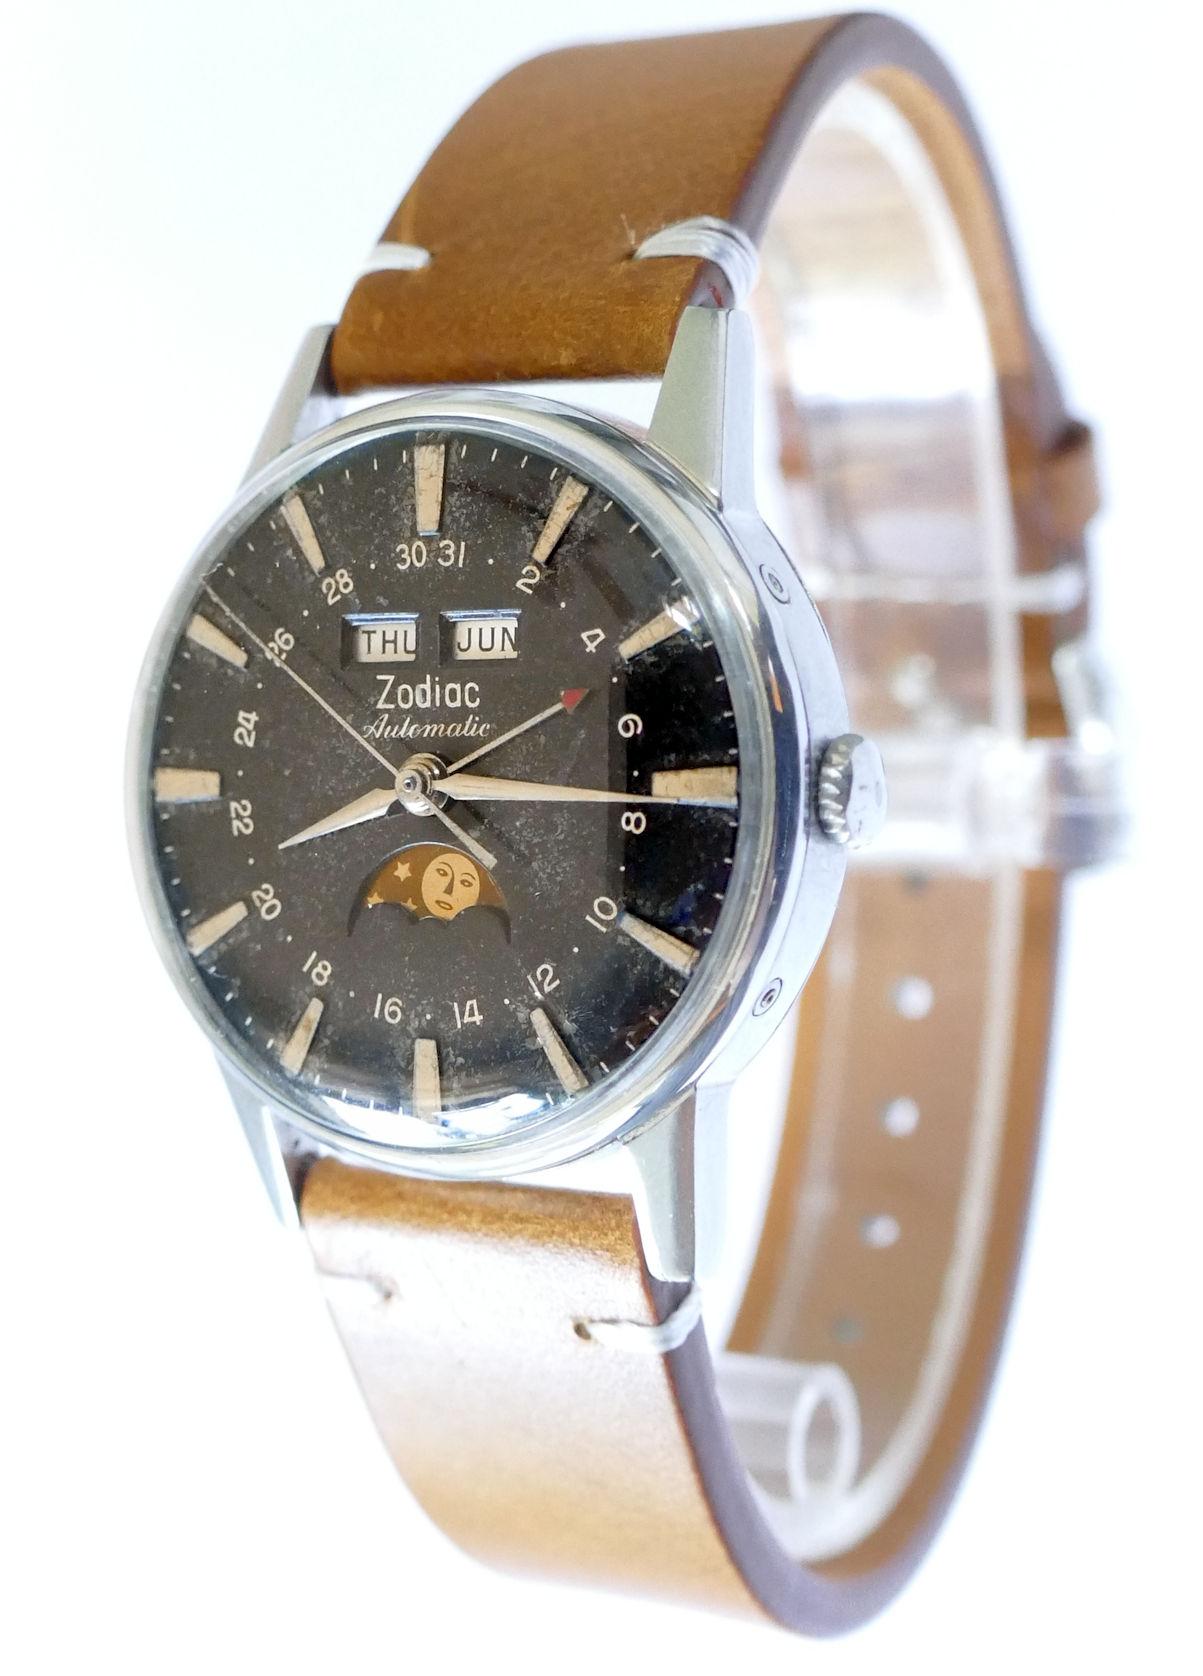 Zodiac Triple Date Moonphase Automatic Steel Watch 742-908